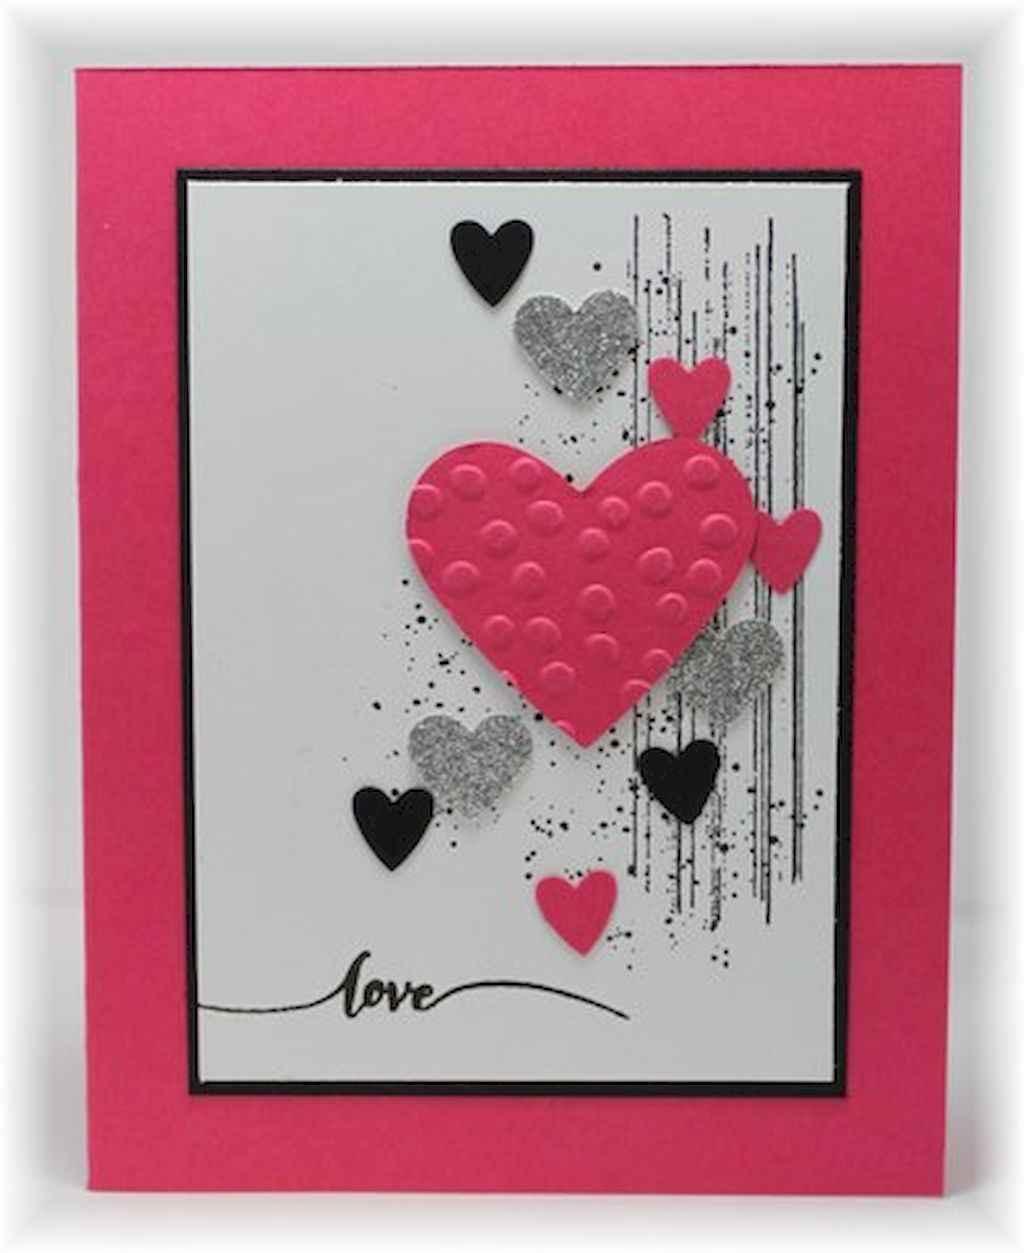 50 Romantic Valentines Cards Design Ideas (49)